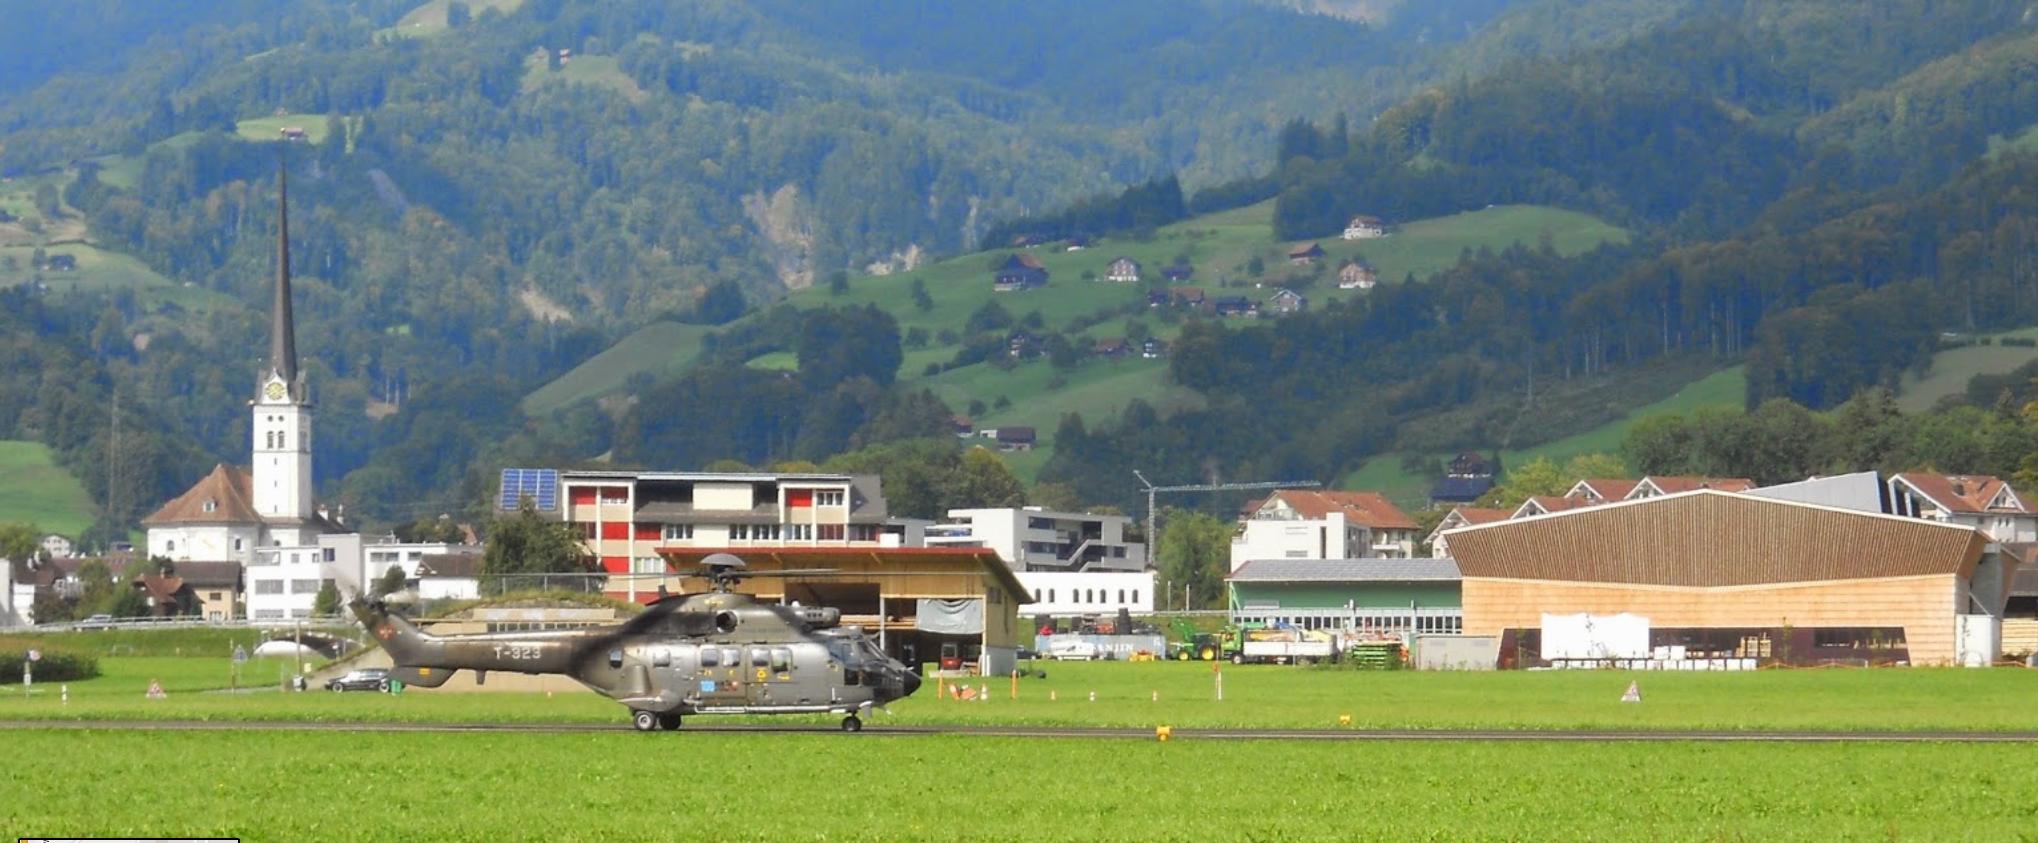 Airbase Alpnach in Switzerland